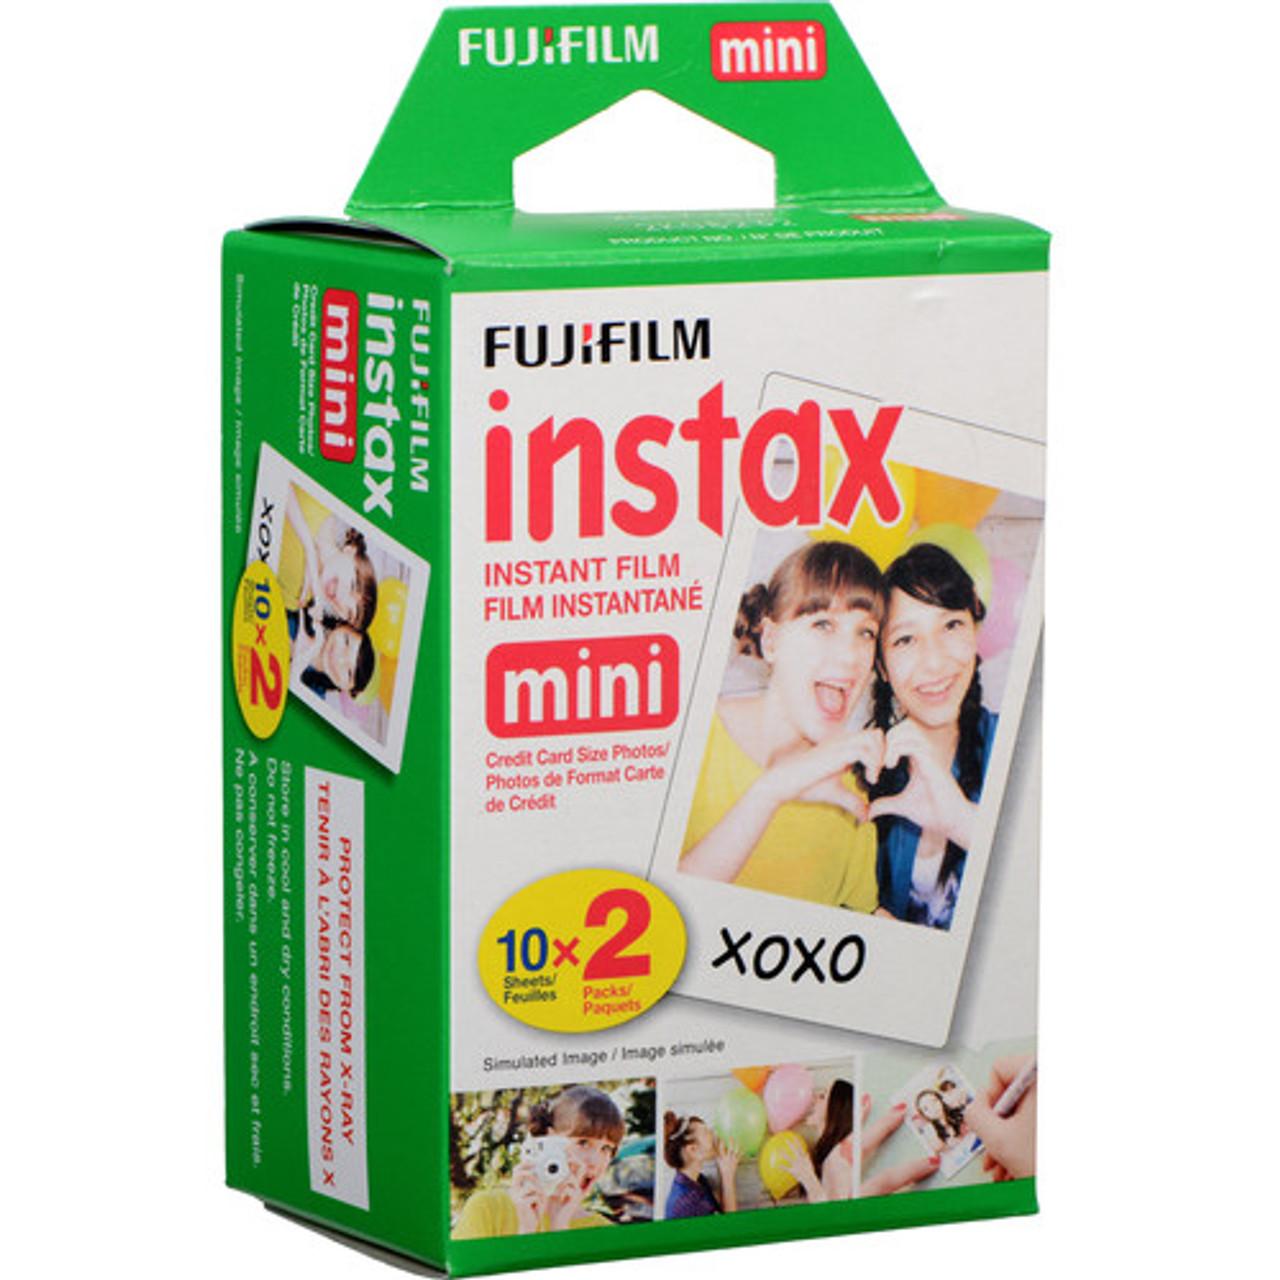 Fujifilm Instax Mini Instant Film - 20 Sheets